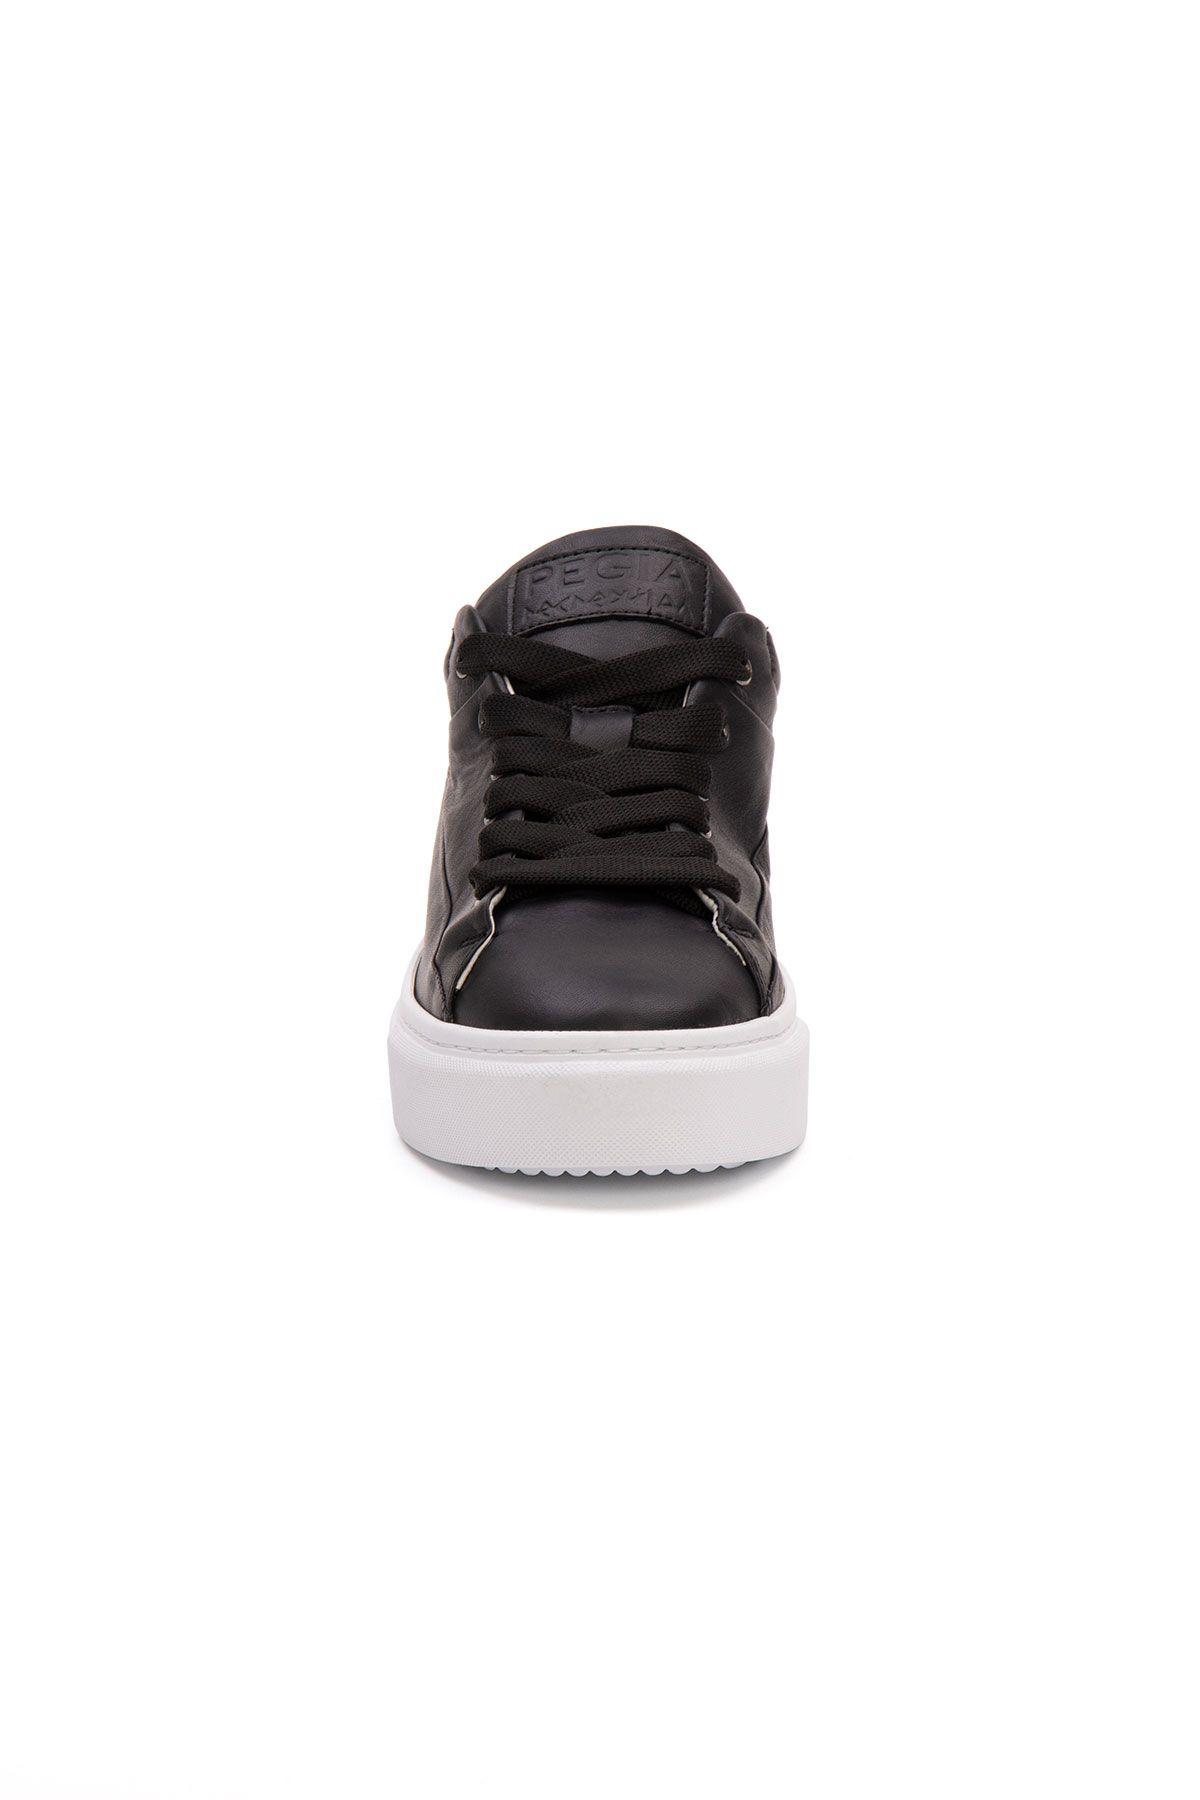 Pegia Genuine Leather Women's Sneaker LA1633 Black